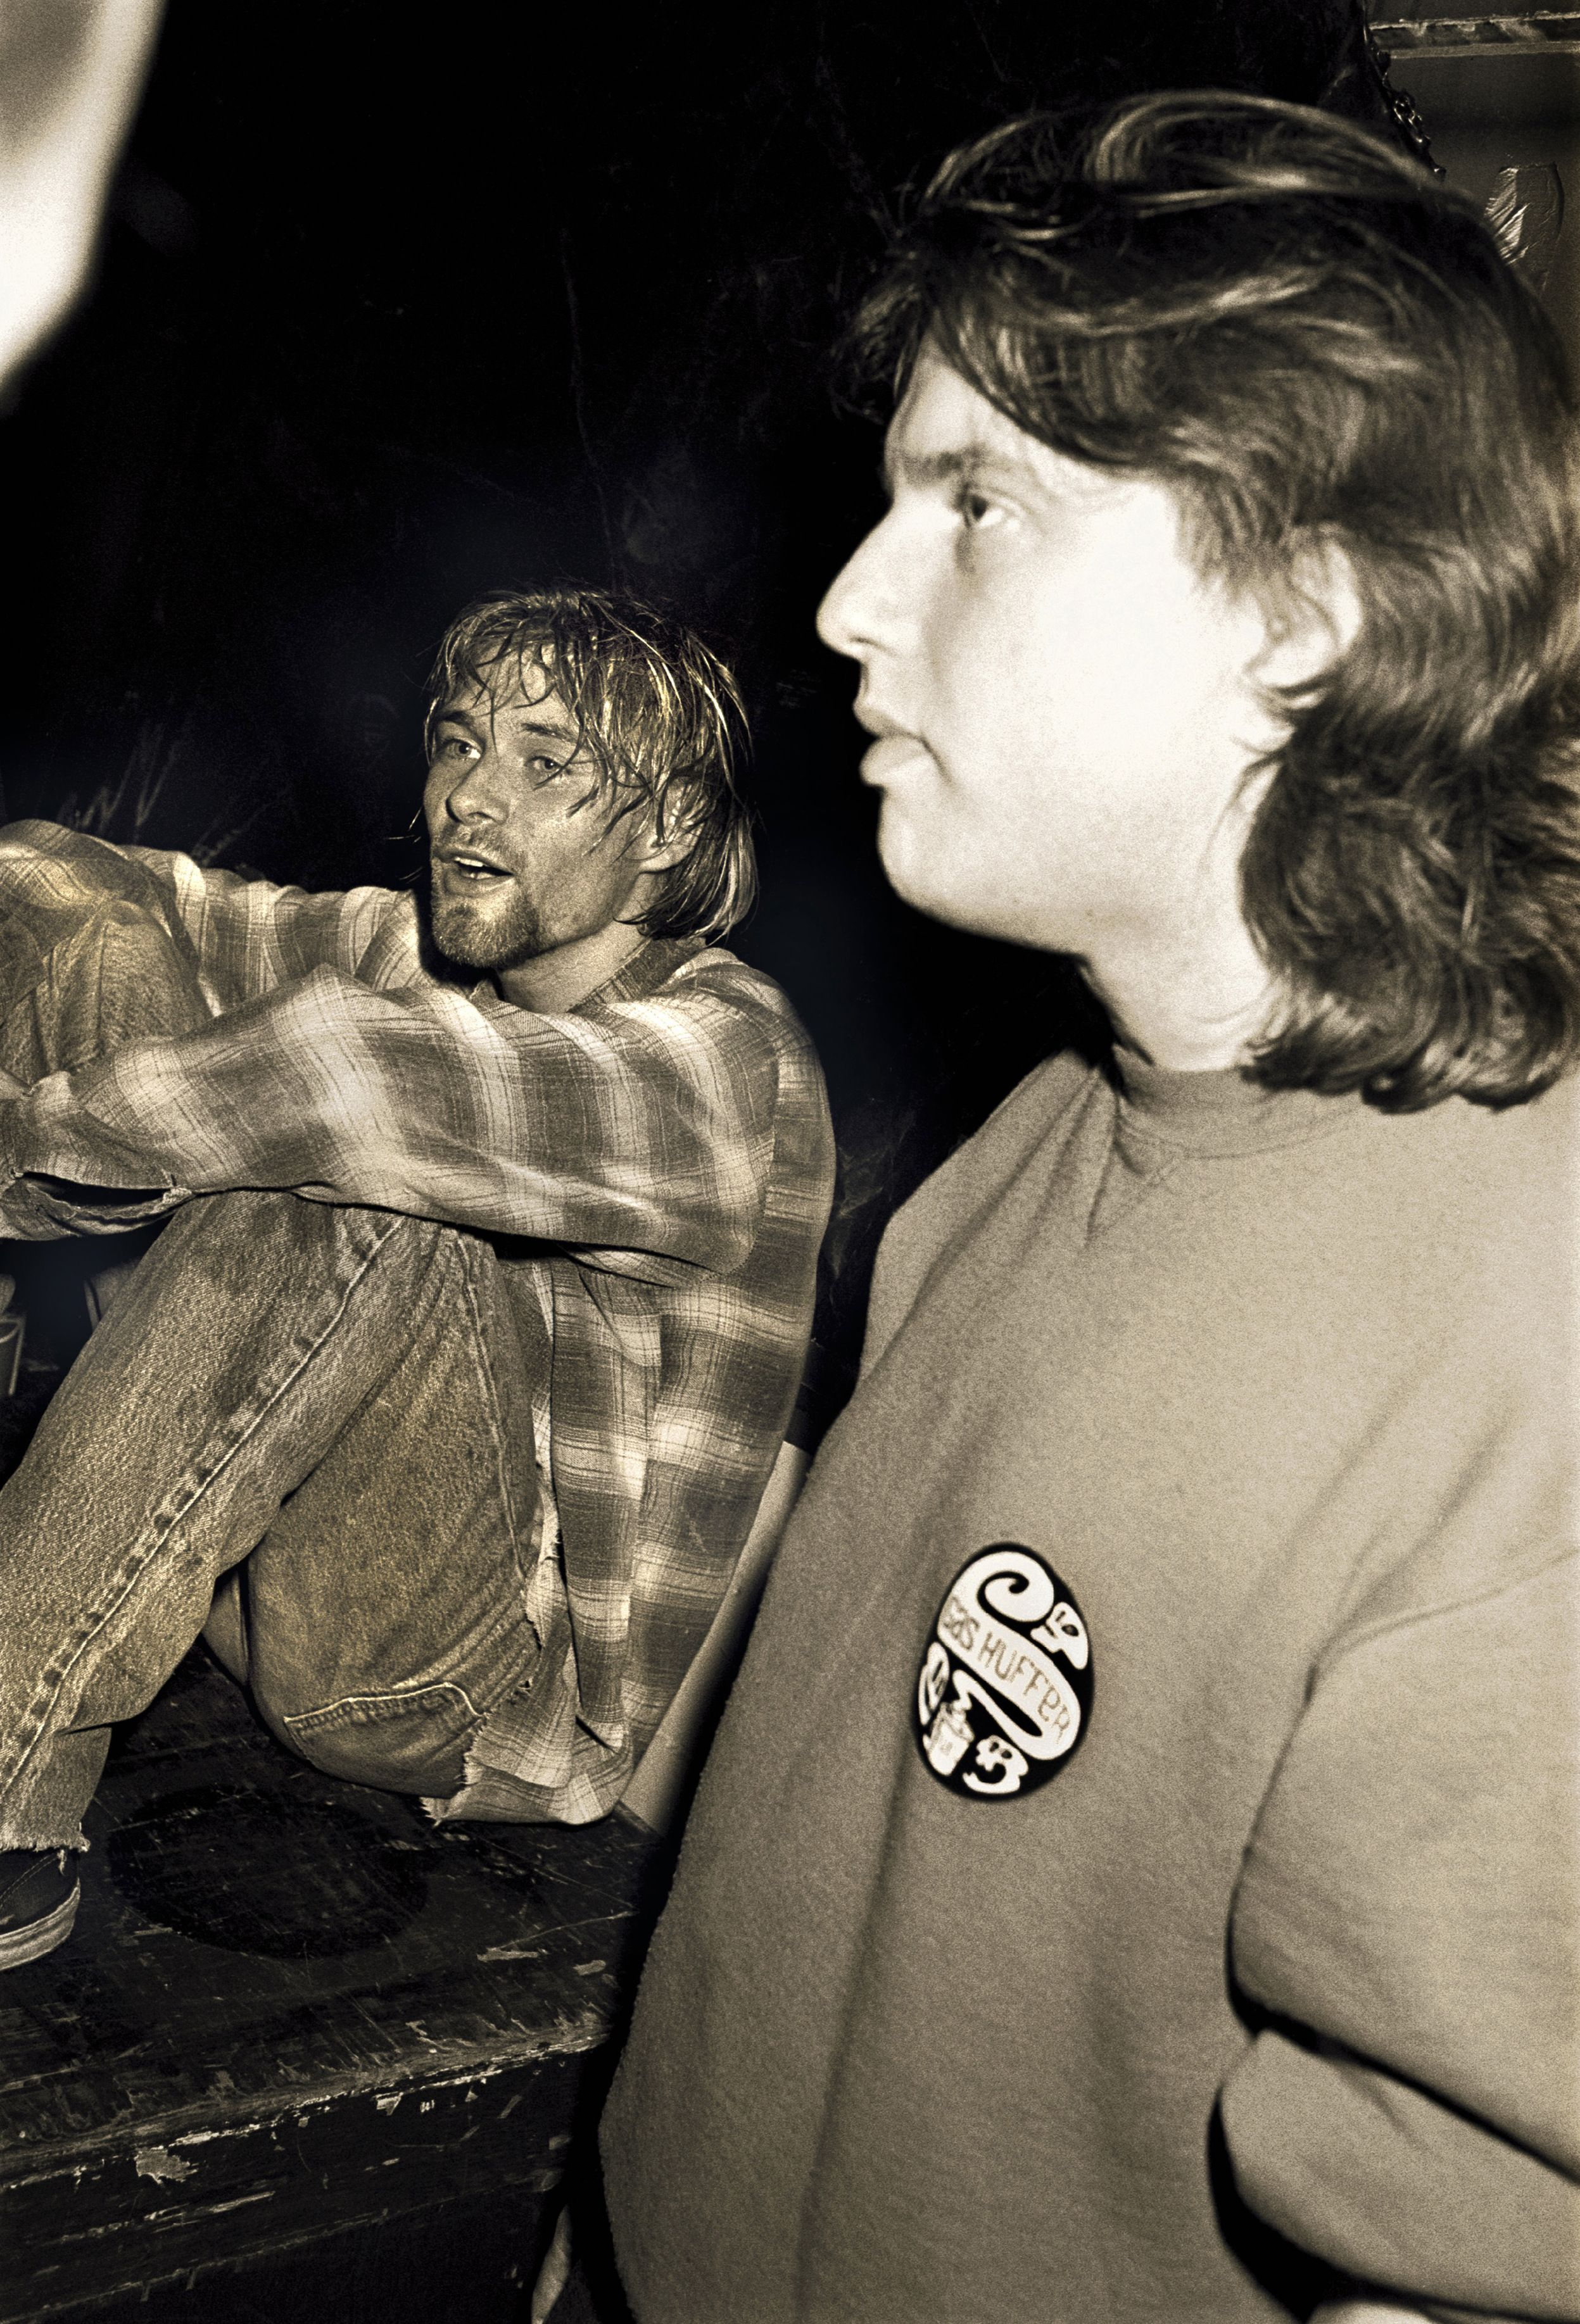 Kurt Cobain #Nirvana - September 1990